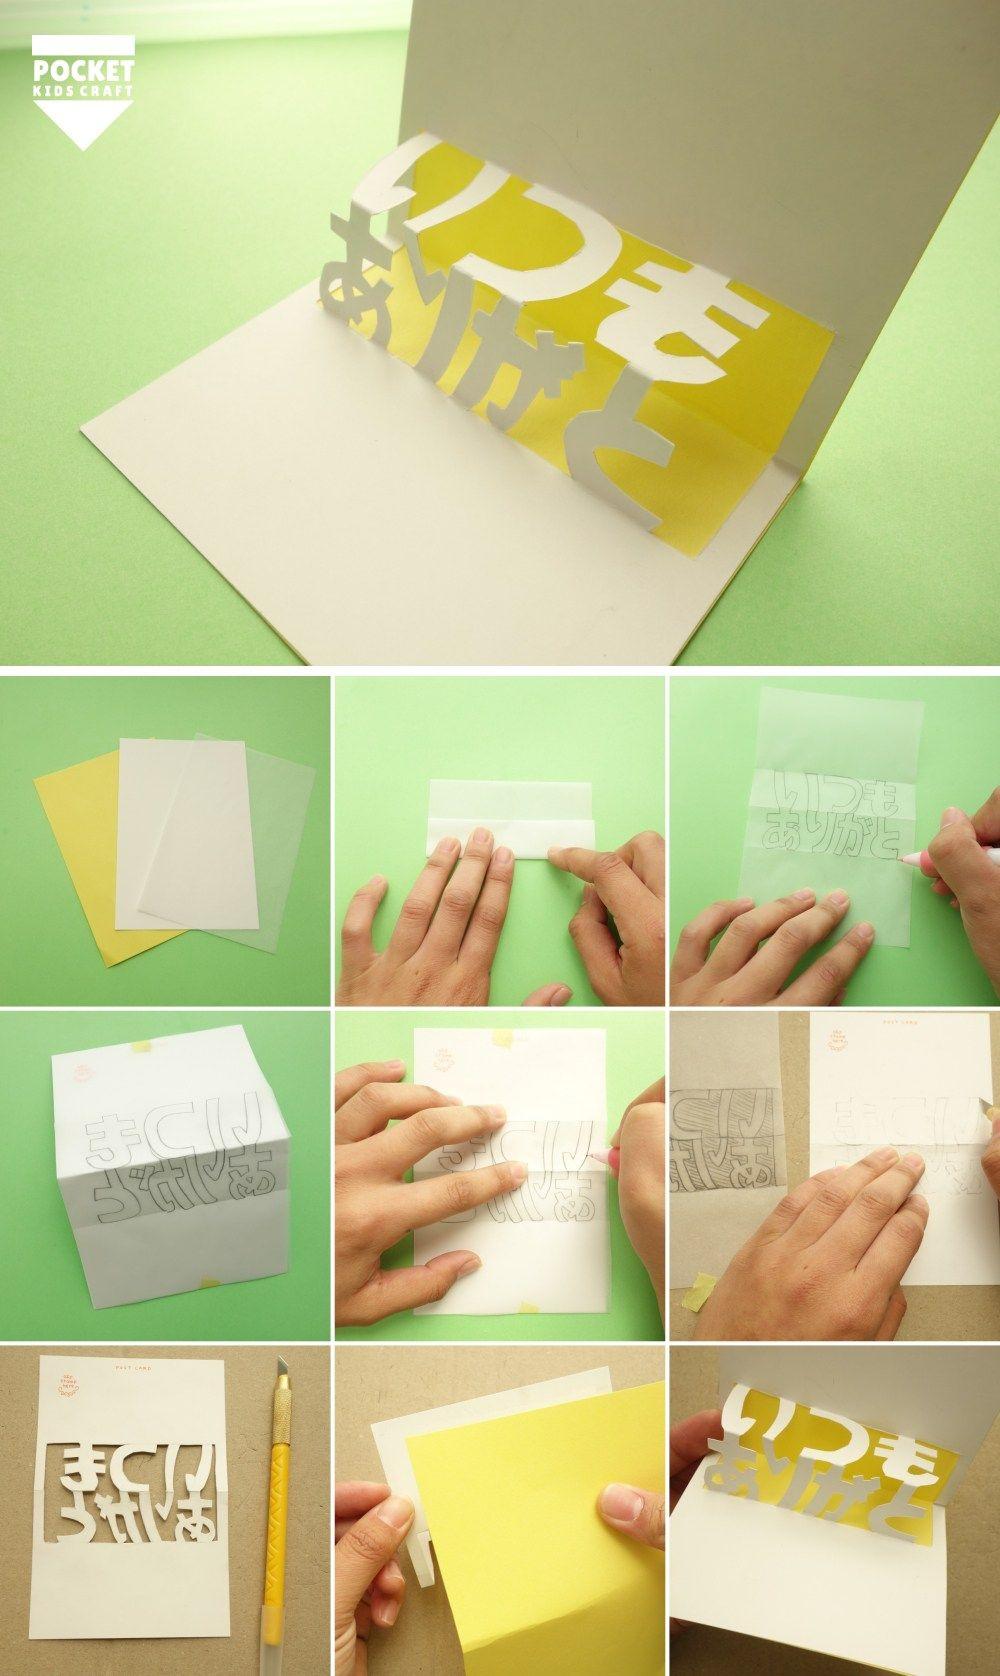 飛び出すカード 文字が飛び出す カードの作り方 季節の工作アイデア集 こうさくポケット 飛び出すカード 作り方 飛び出すカード ポップアップカード 誕生日